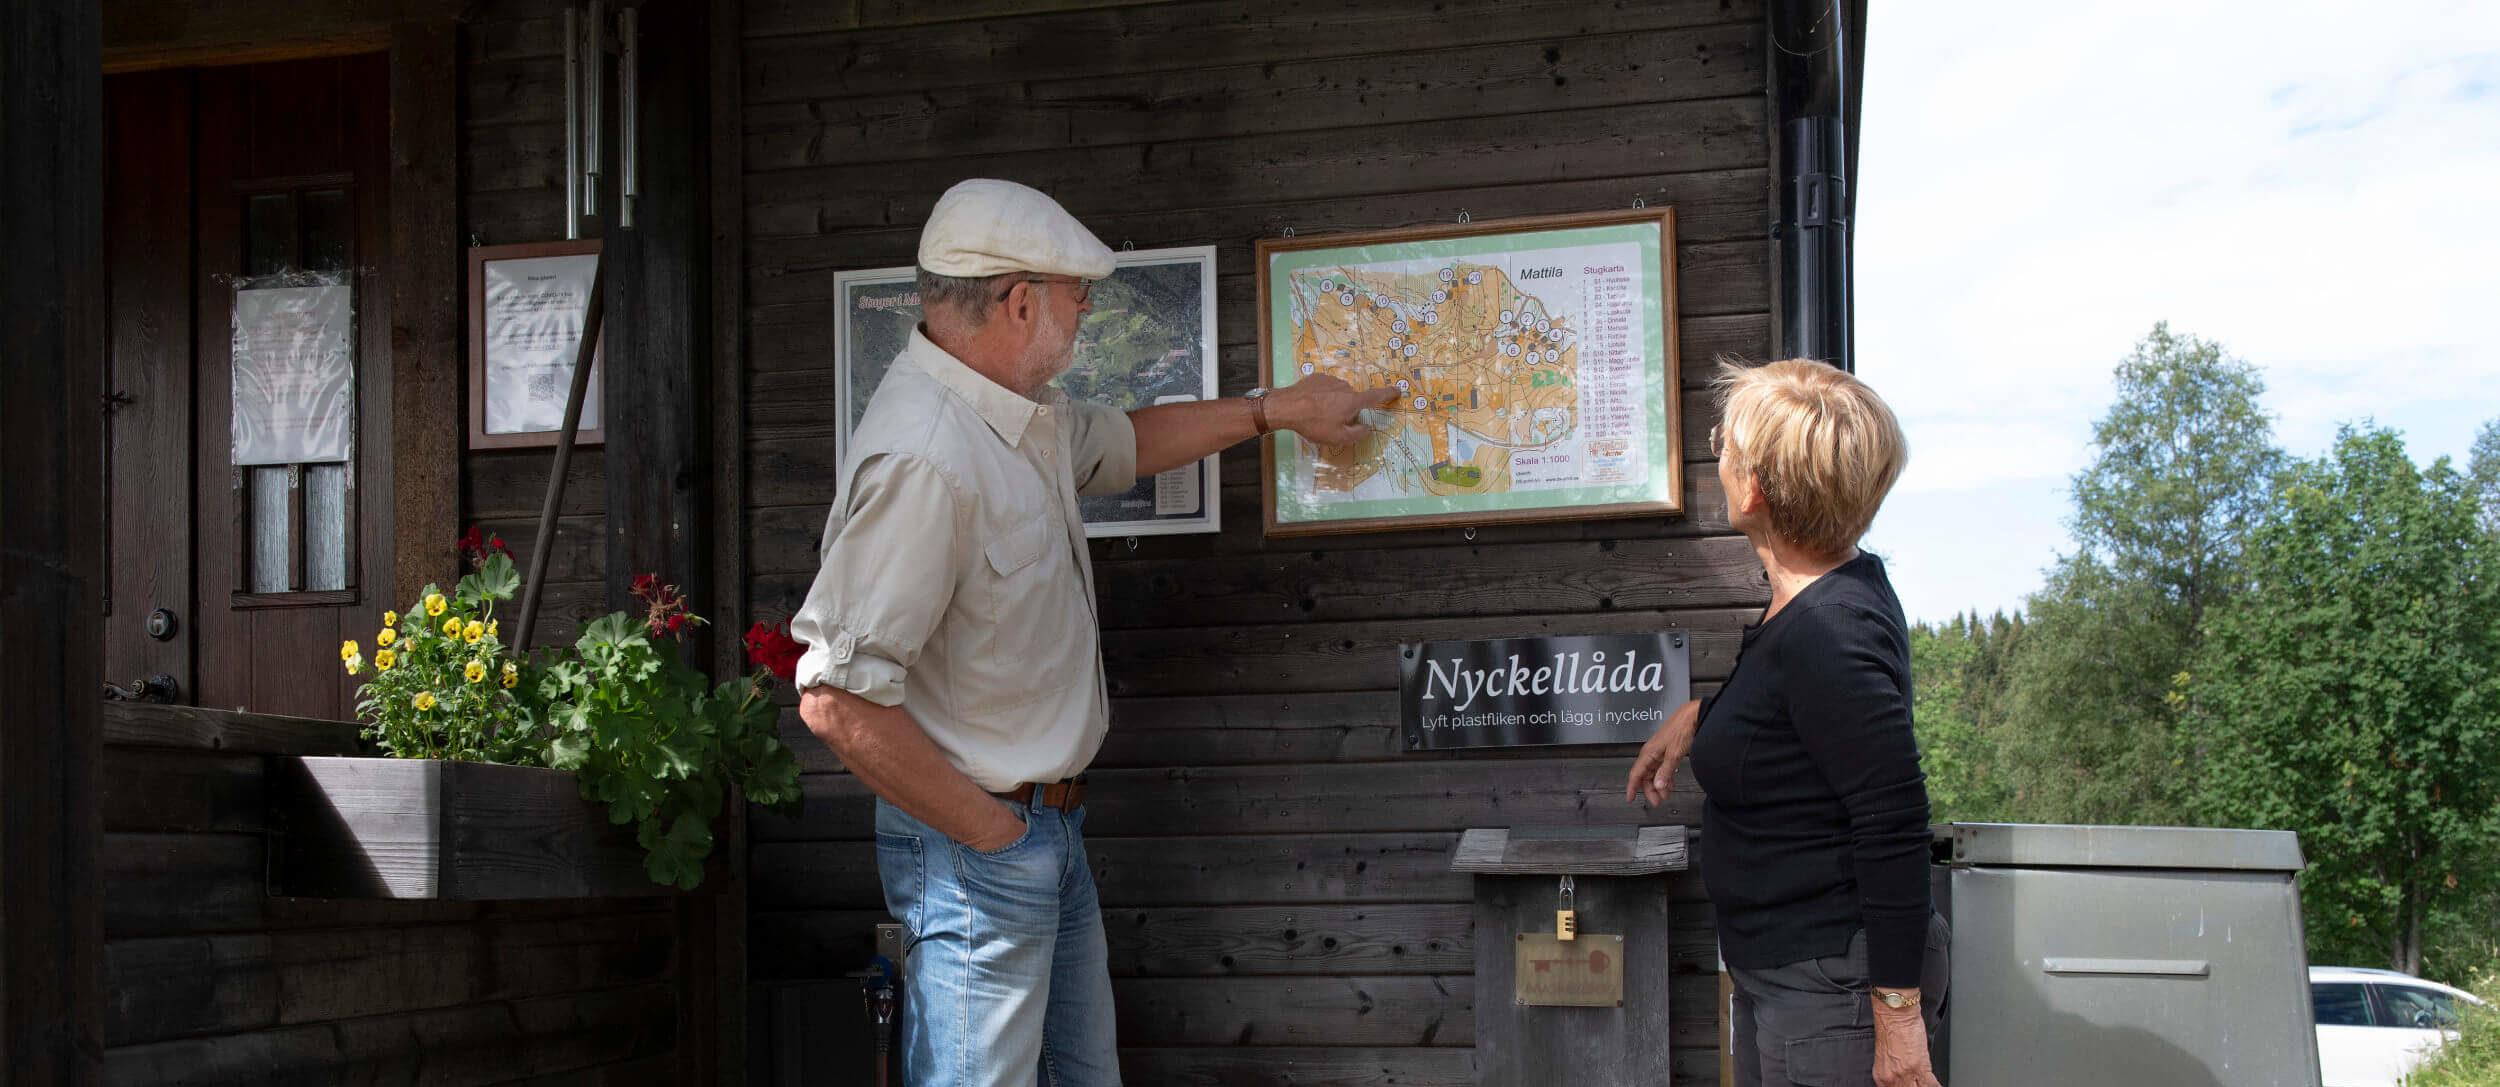 Två personer pekar en karta på väggen